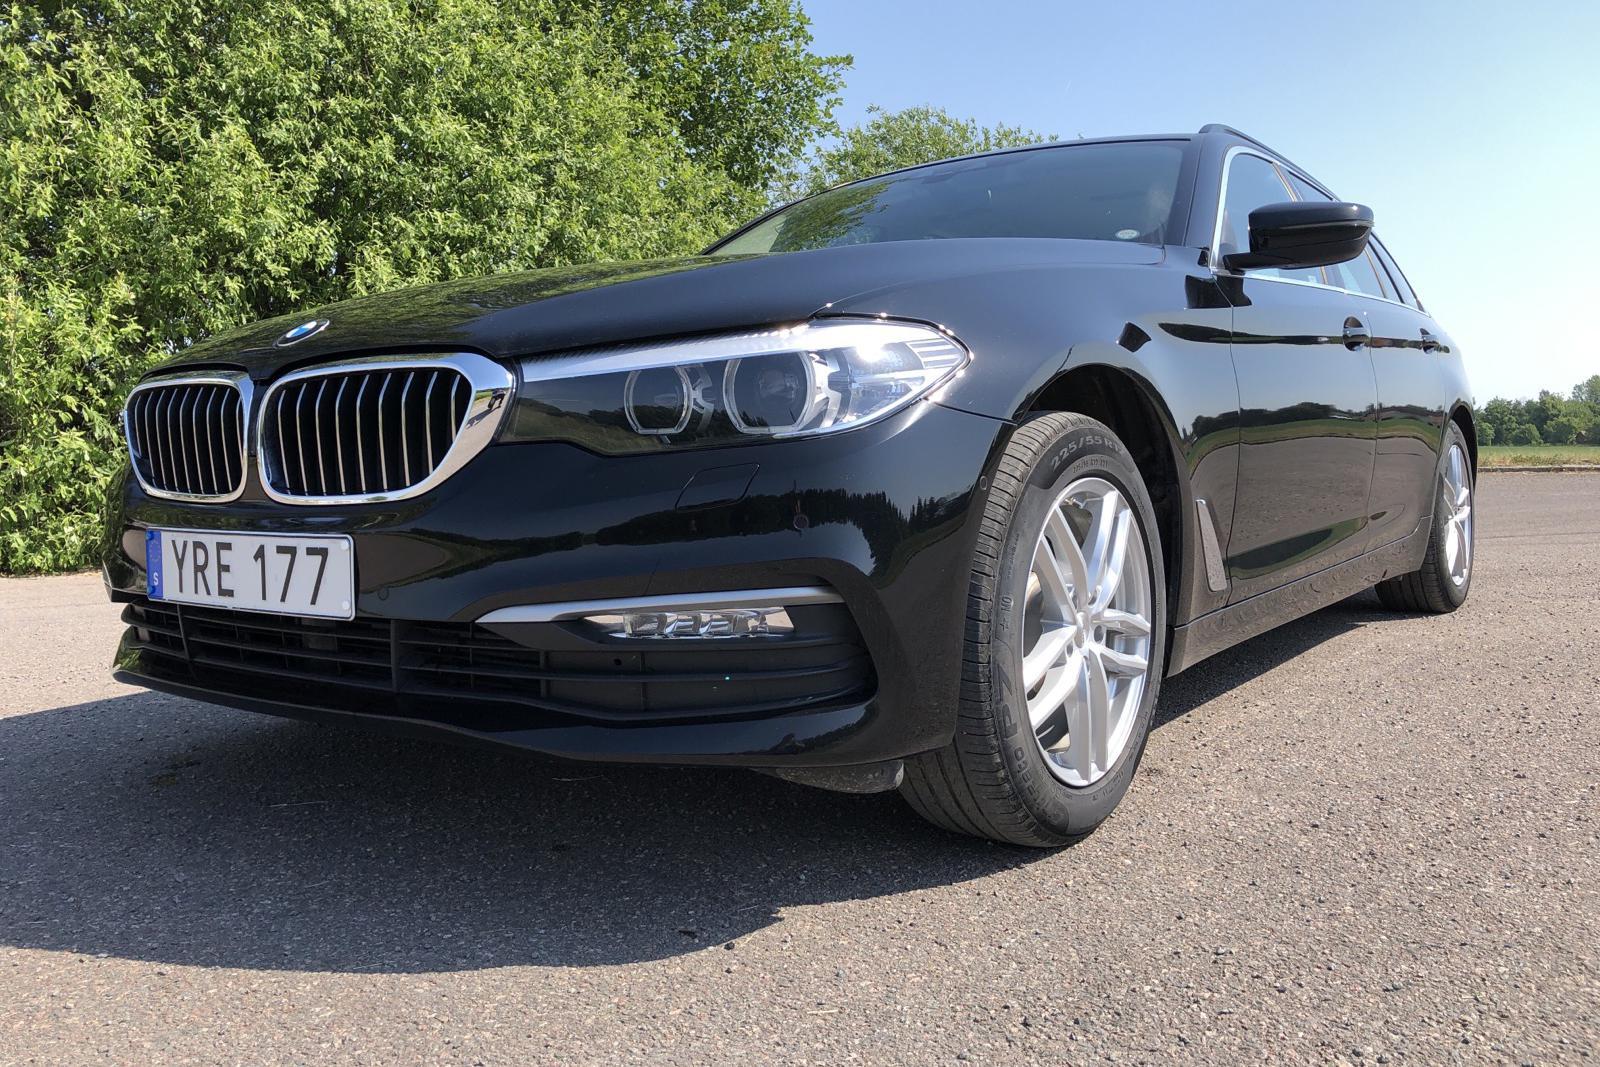 BMW 520d xDrive Touring, G31 (190hk) - 4 664 mil - Automat - svart - 2018